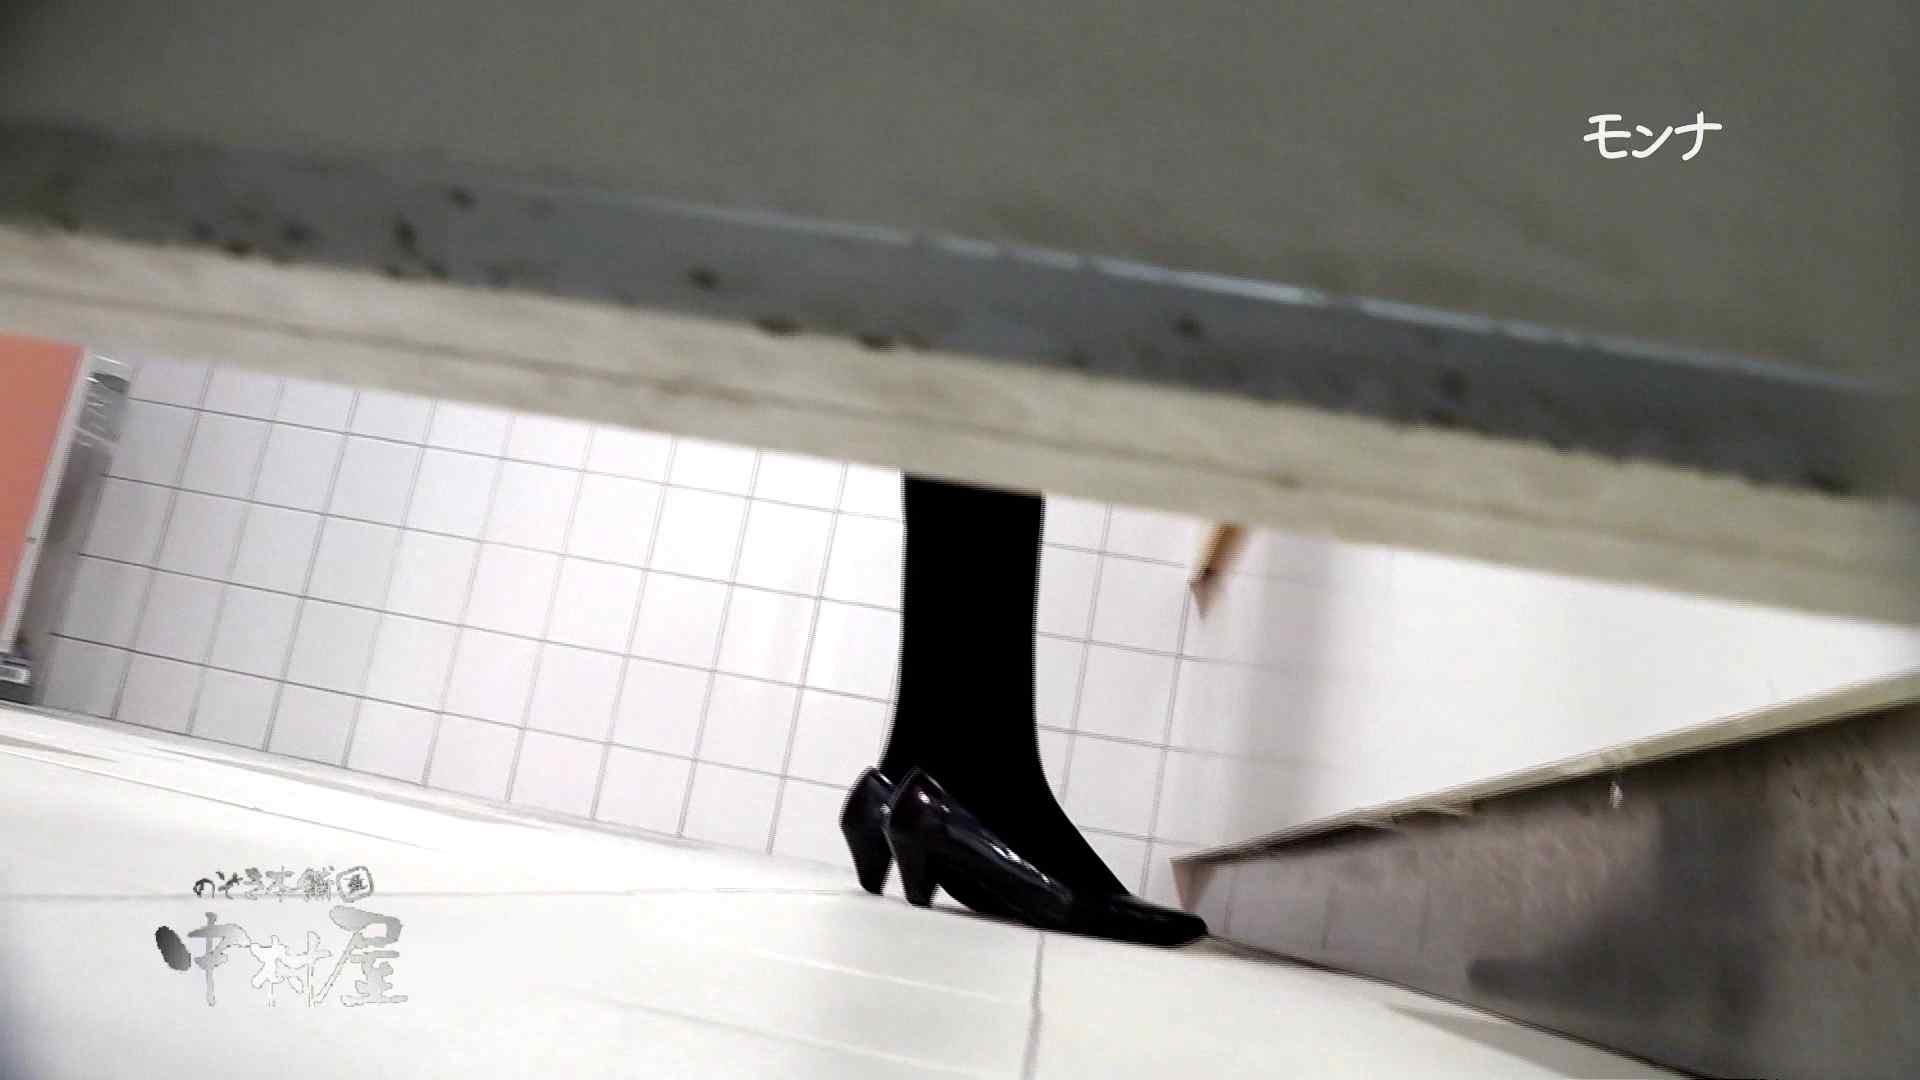 【美しい日本の未来】新学期!!下半身中心に攻めてます美女可愛い女子悪戯盗satuトイレ後編 悪戯 | 下半身  97pic 18